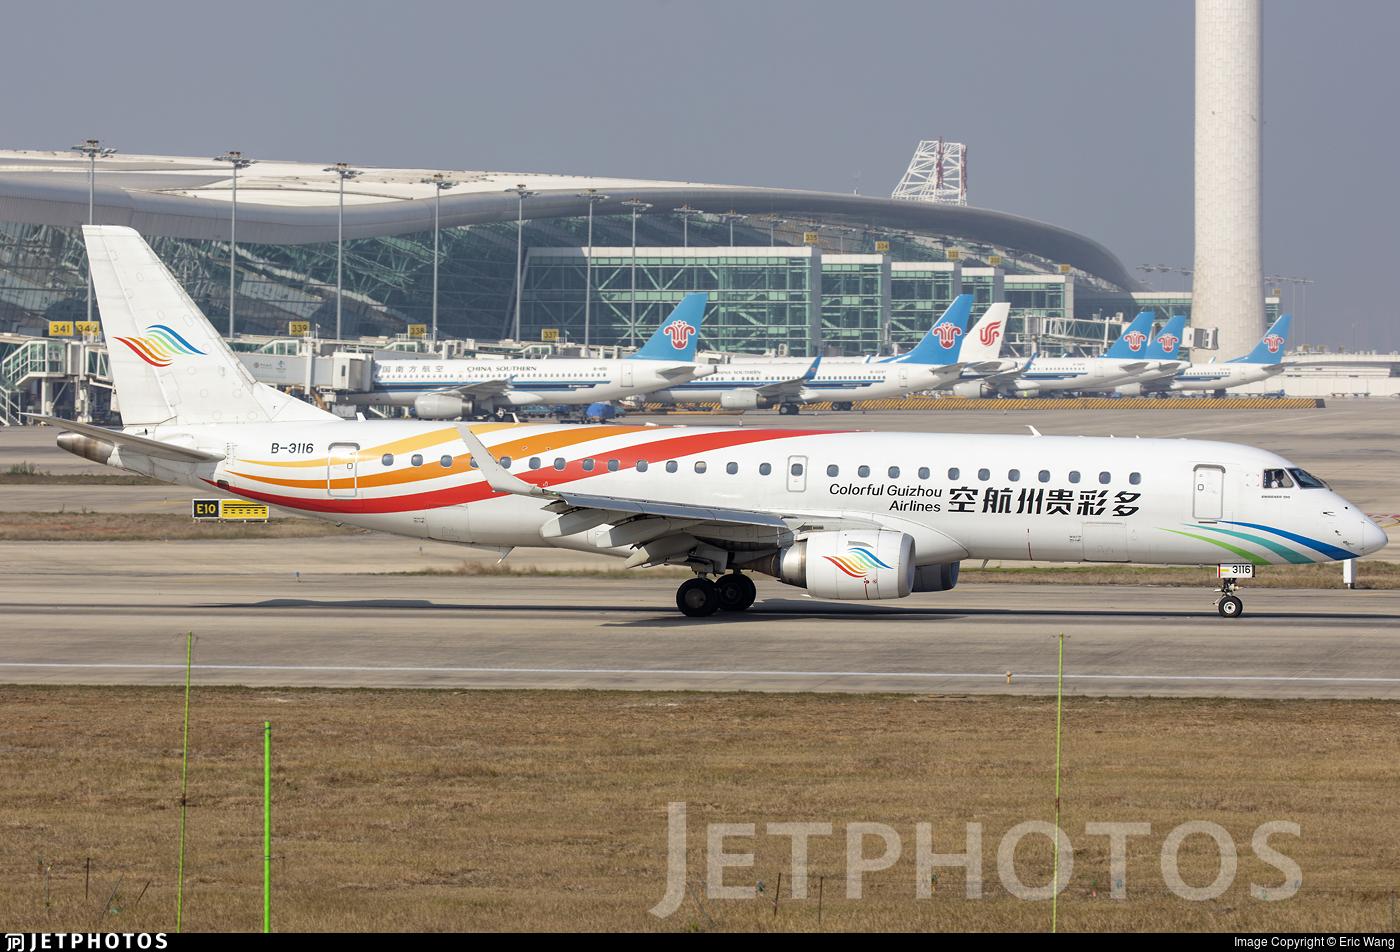 B-3116 - Embraer 190-100LR - Colorful Guizhou Airlines